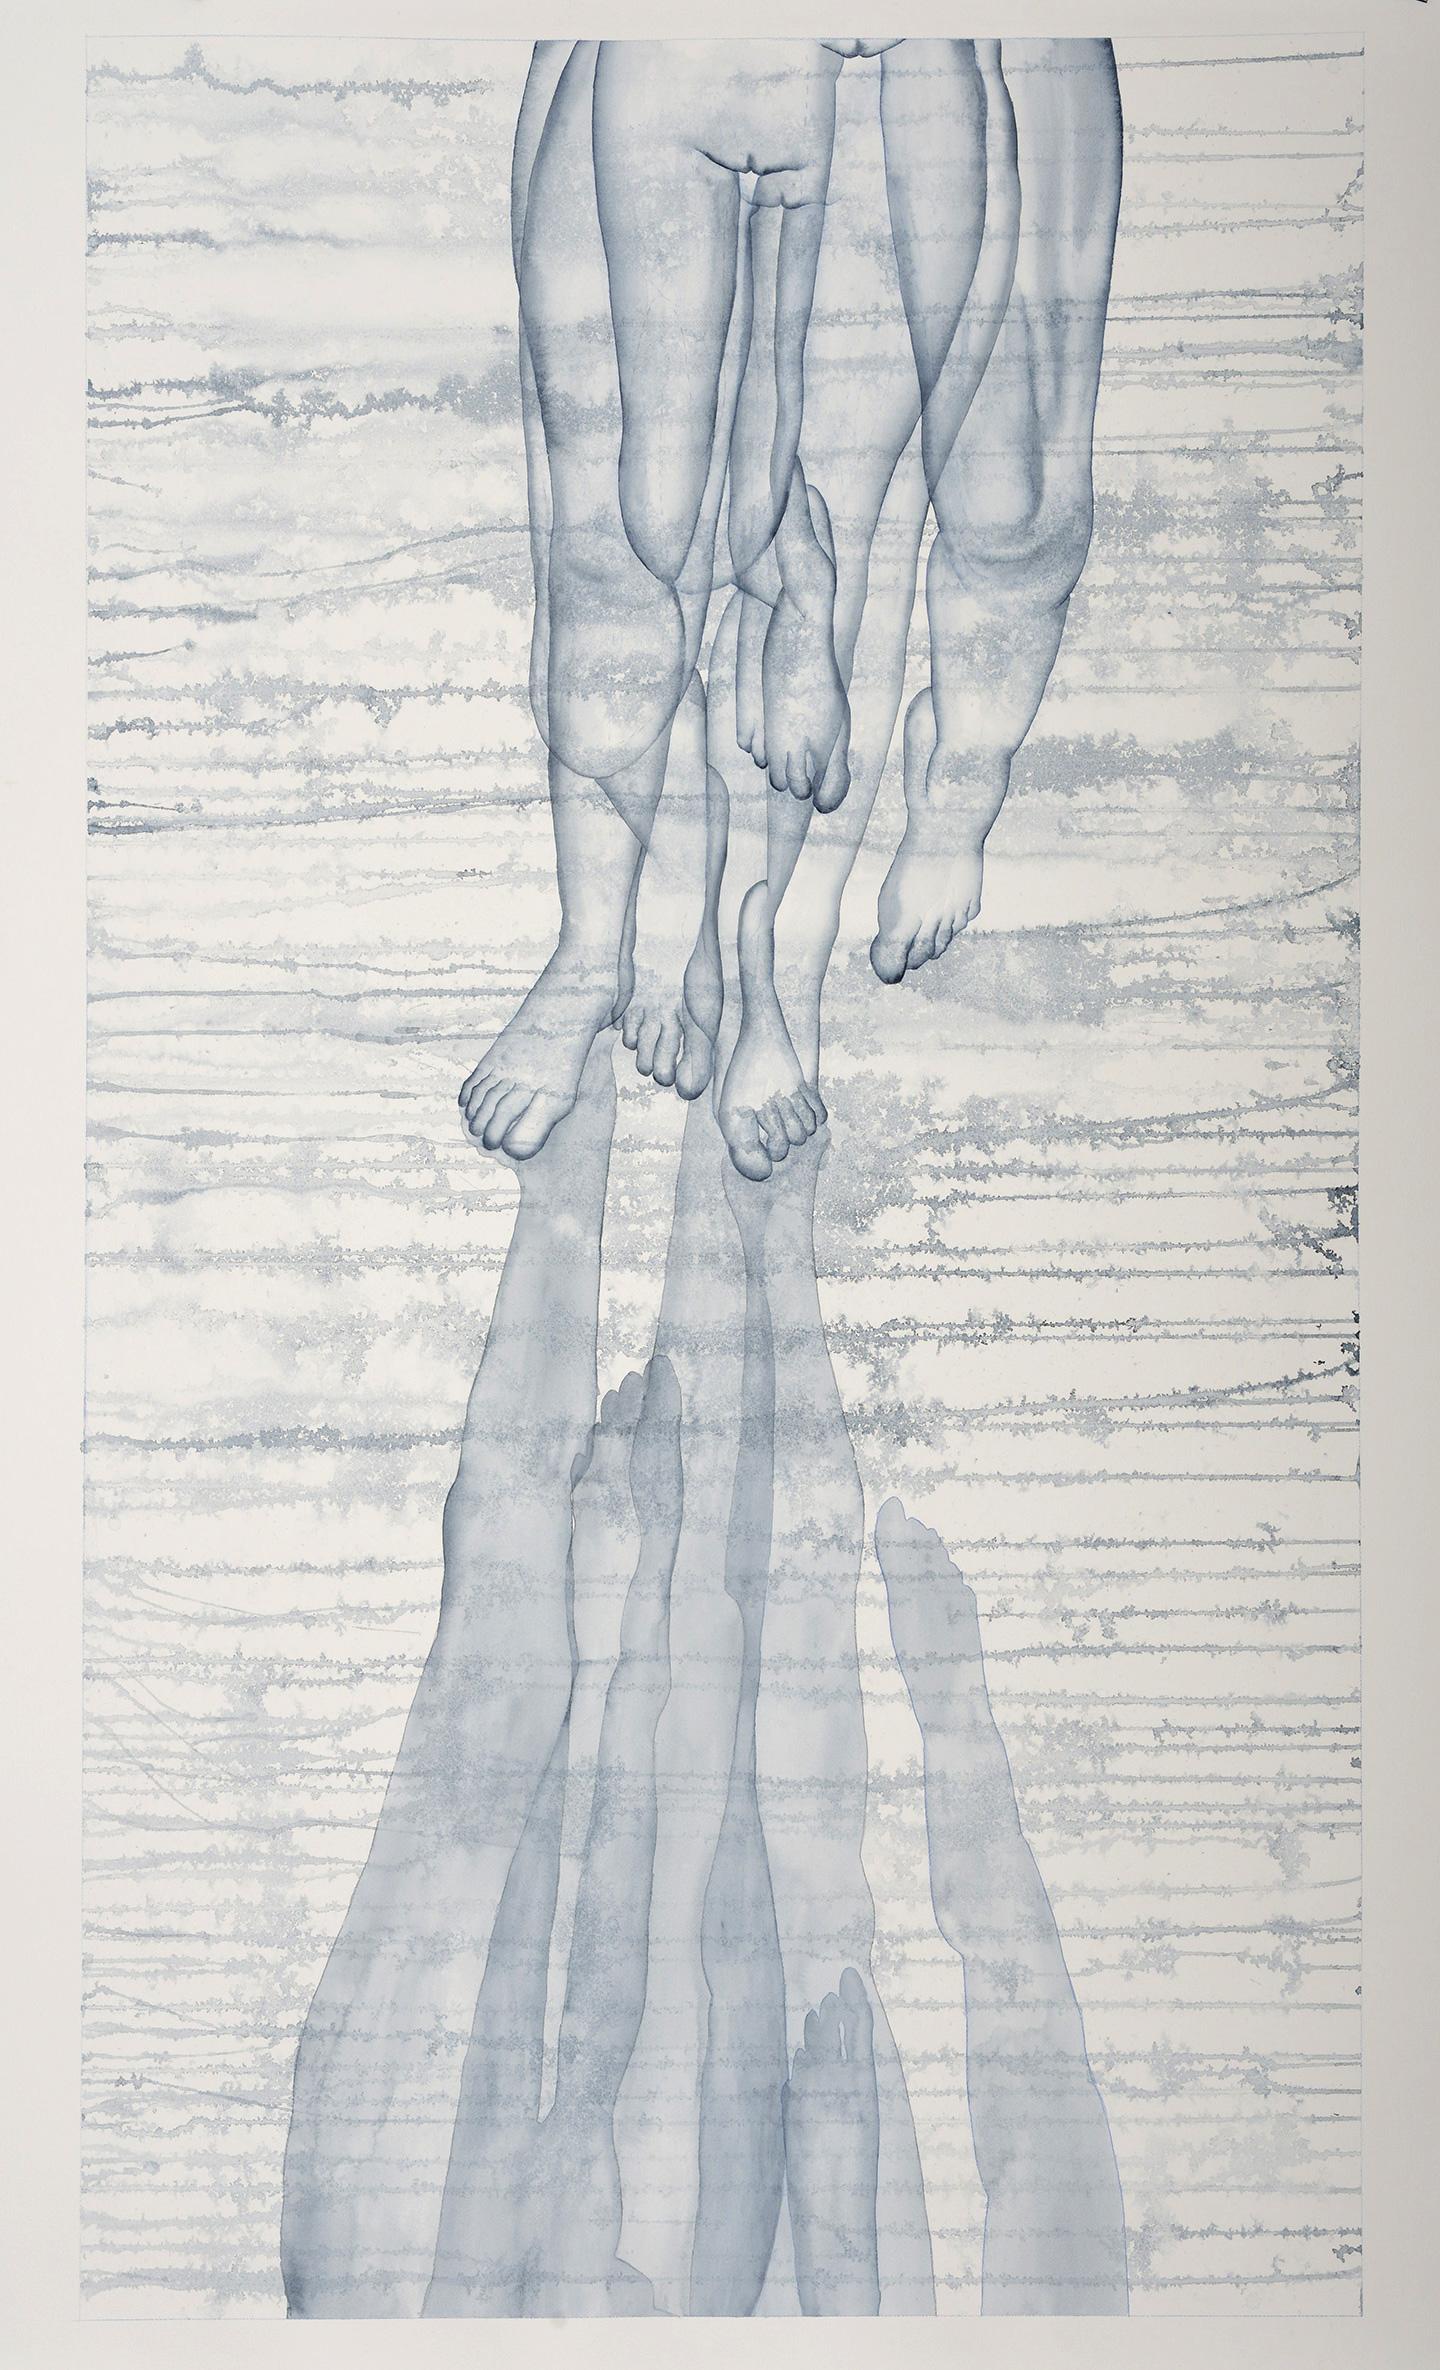 Stefano Bolzano, Stacco, acquerello su carta, 150x90cm, 2020.